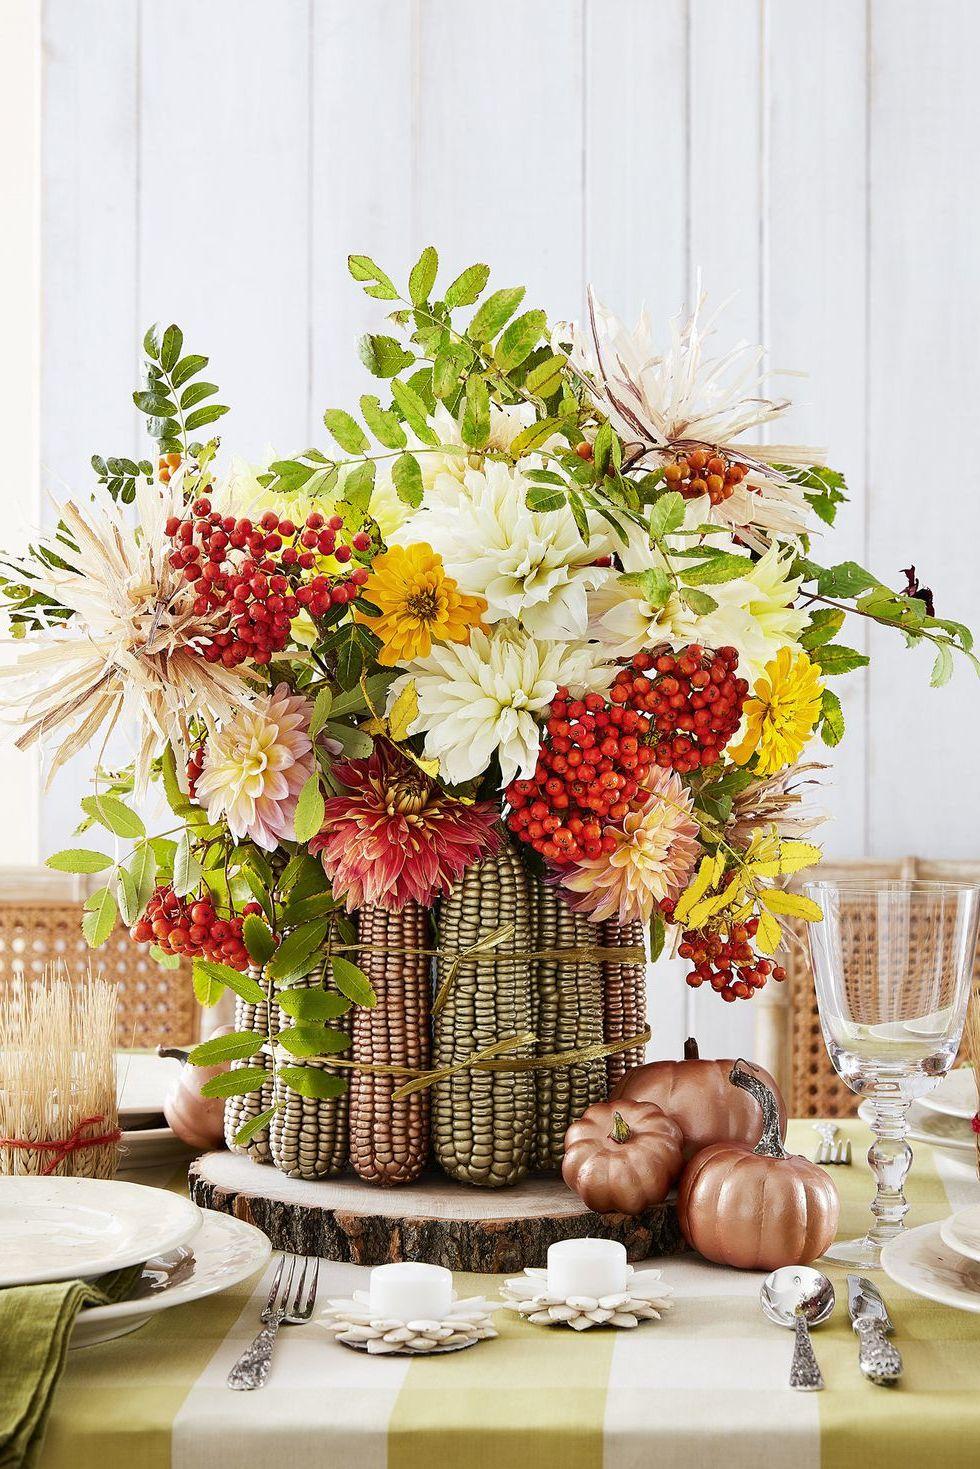 Saisonale Tischideen und Ambiente: Genießen Sie die Tafelfreuden in einer schön dekorierten Umgebung